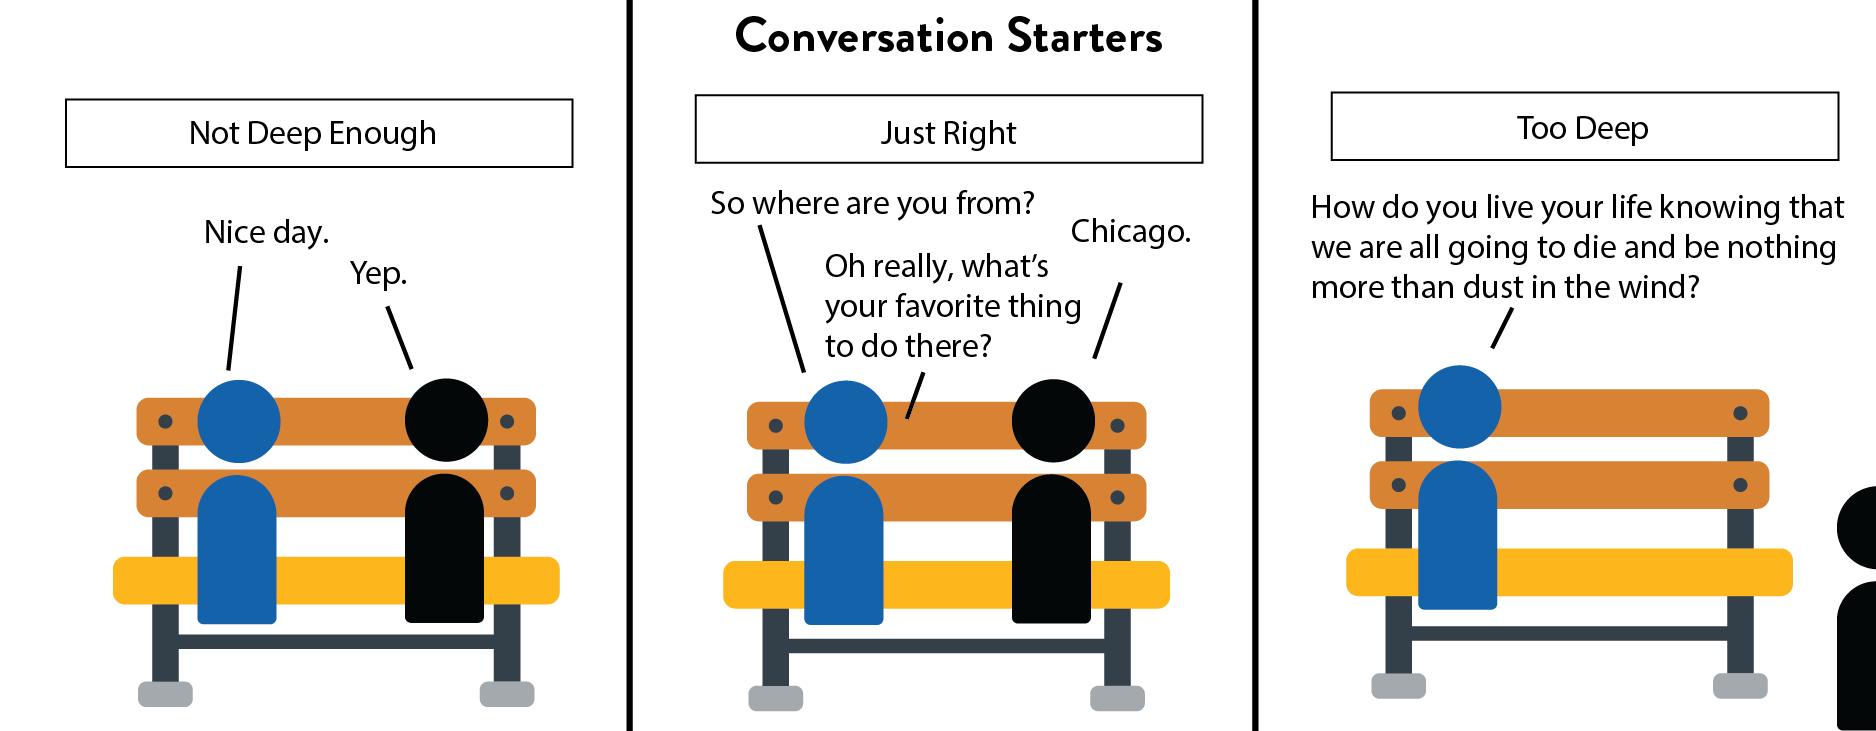 ConversationStarters-01.png